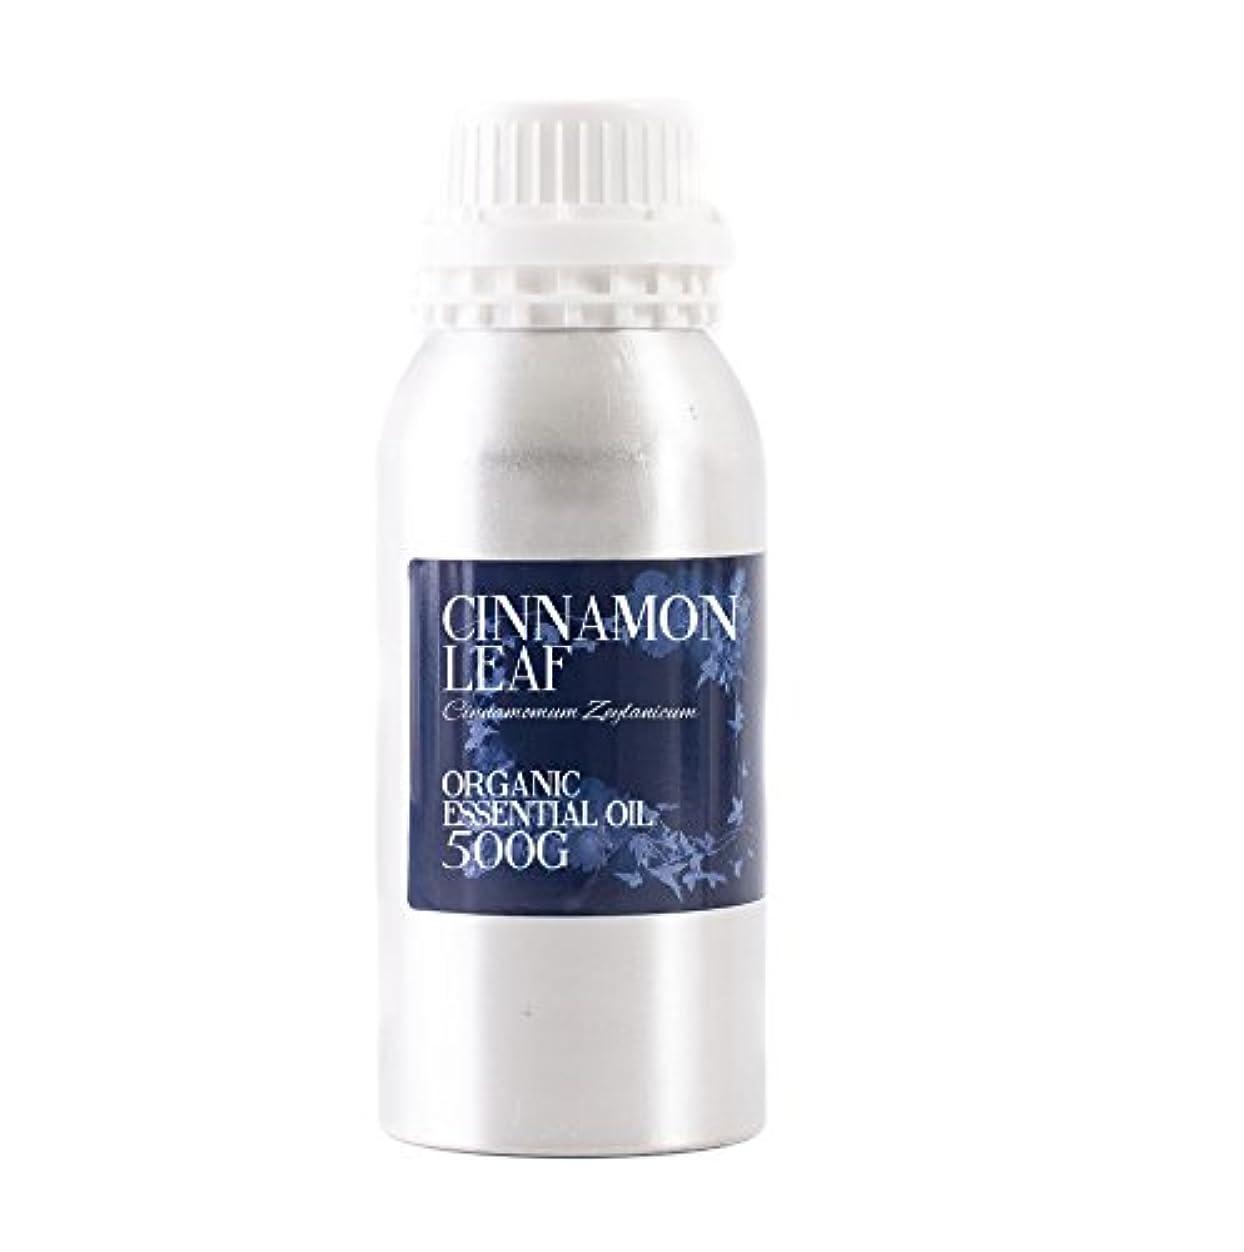 金曜日利得泣き叫ぶMystic Moments | Cinnamon Leaf Organic Essential Oil - 500g - 100% Pure